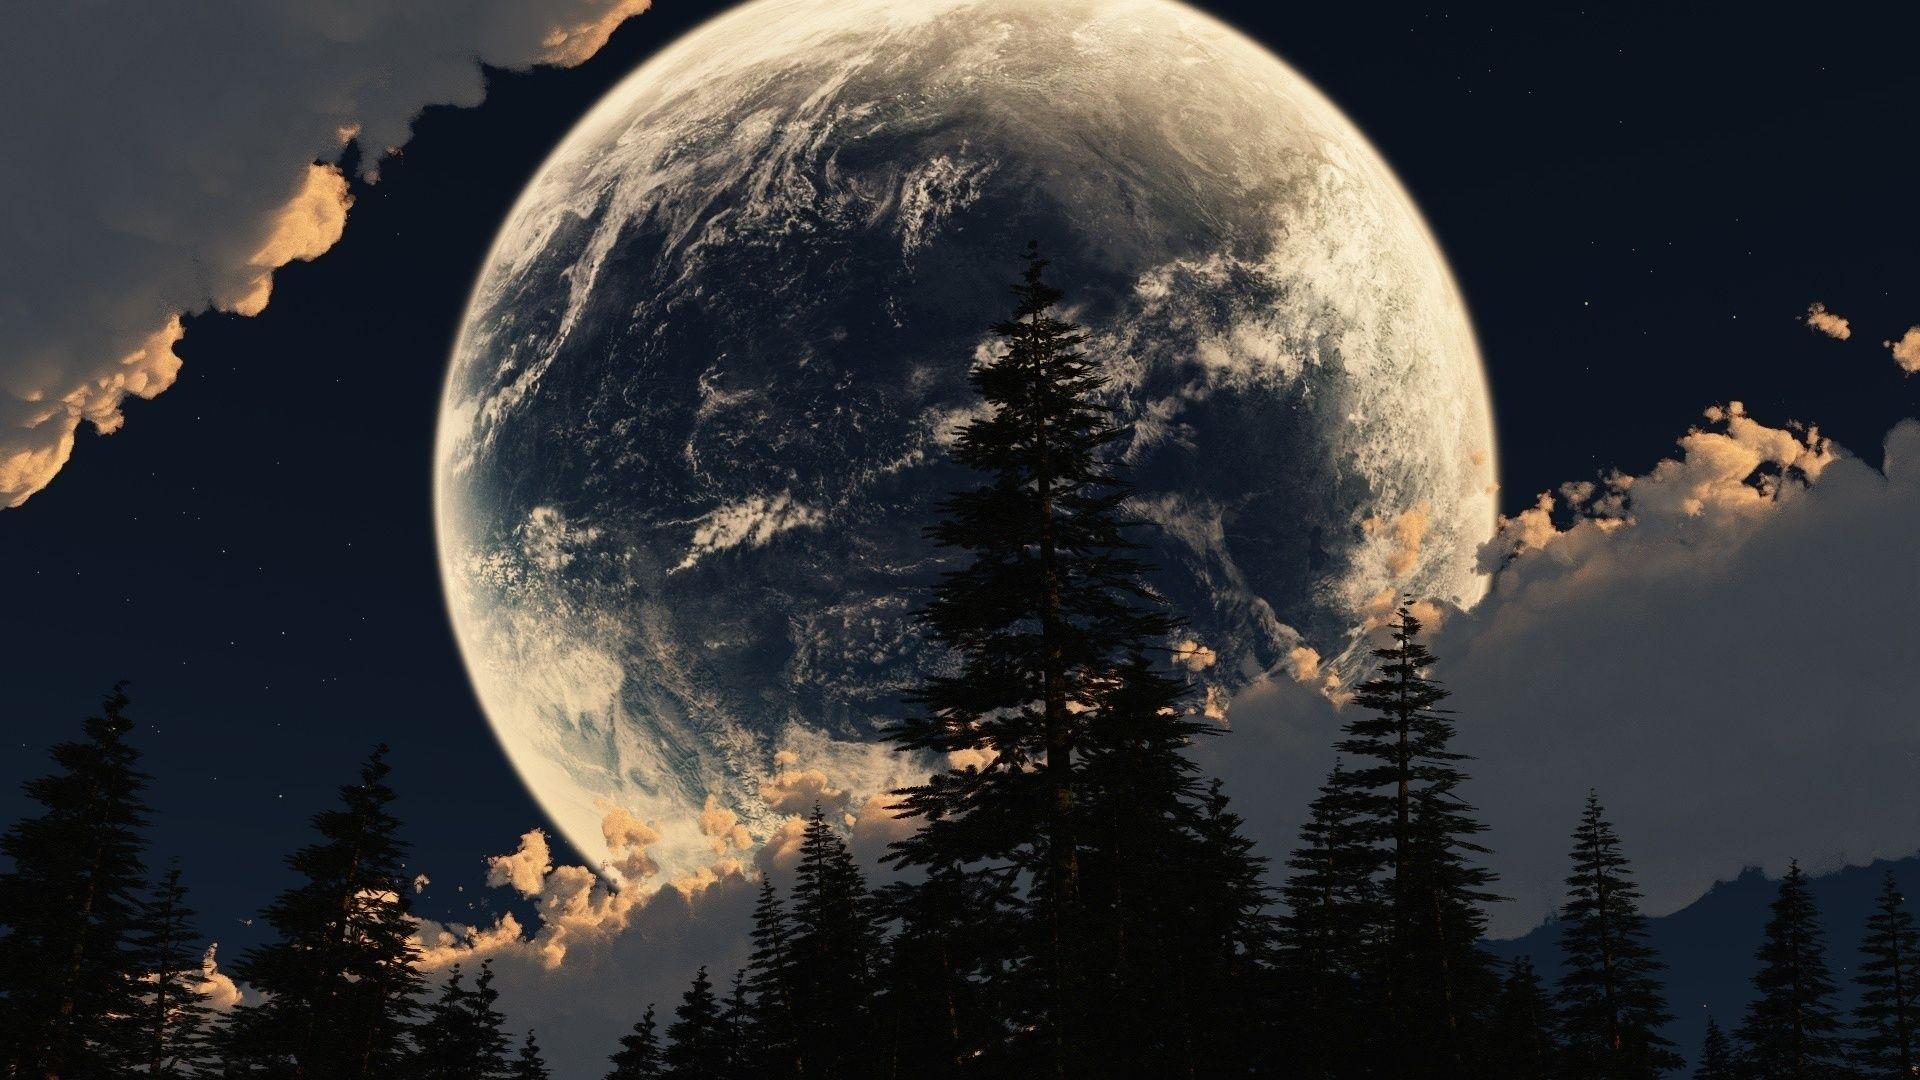 Moon Download Wallpaper